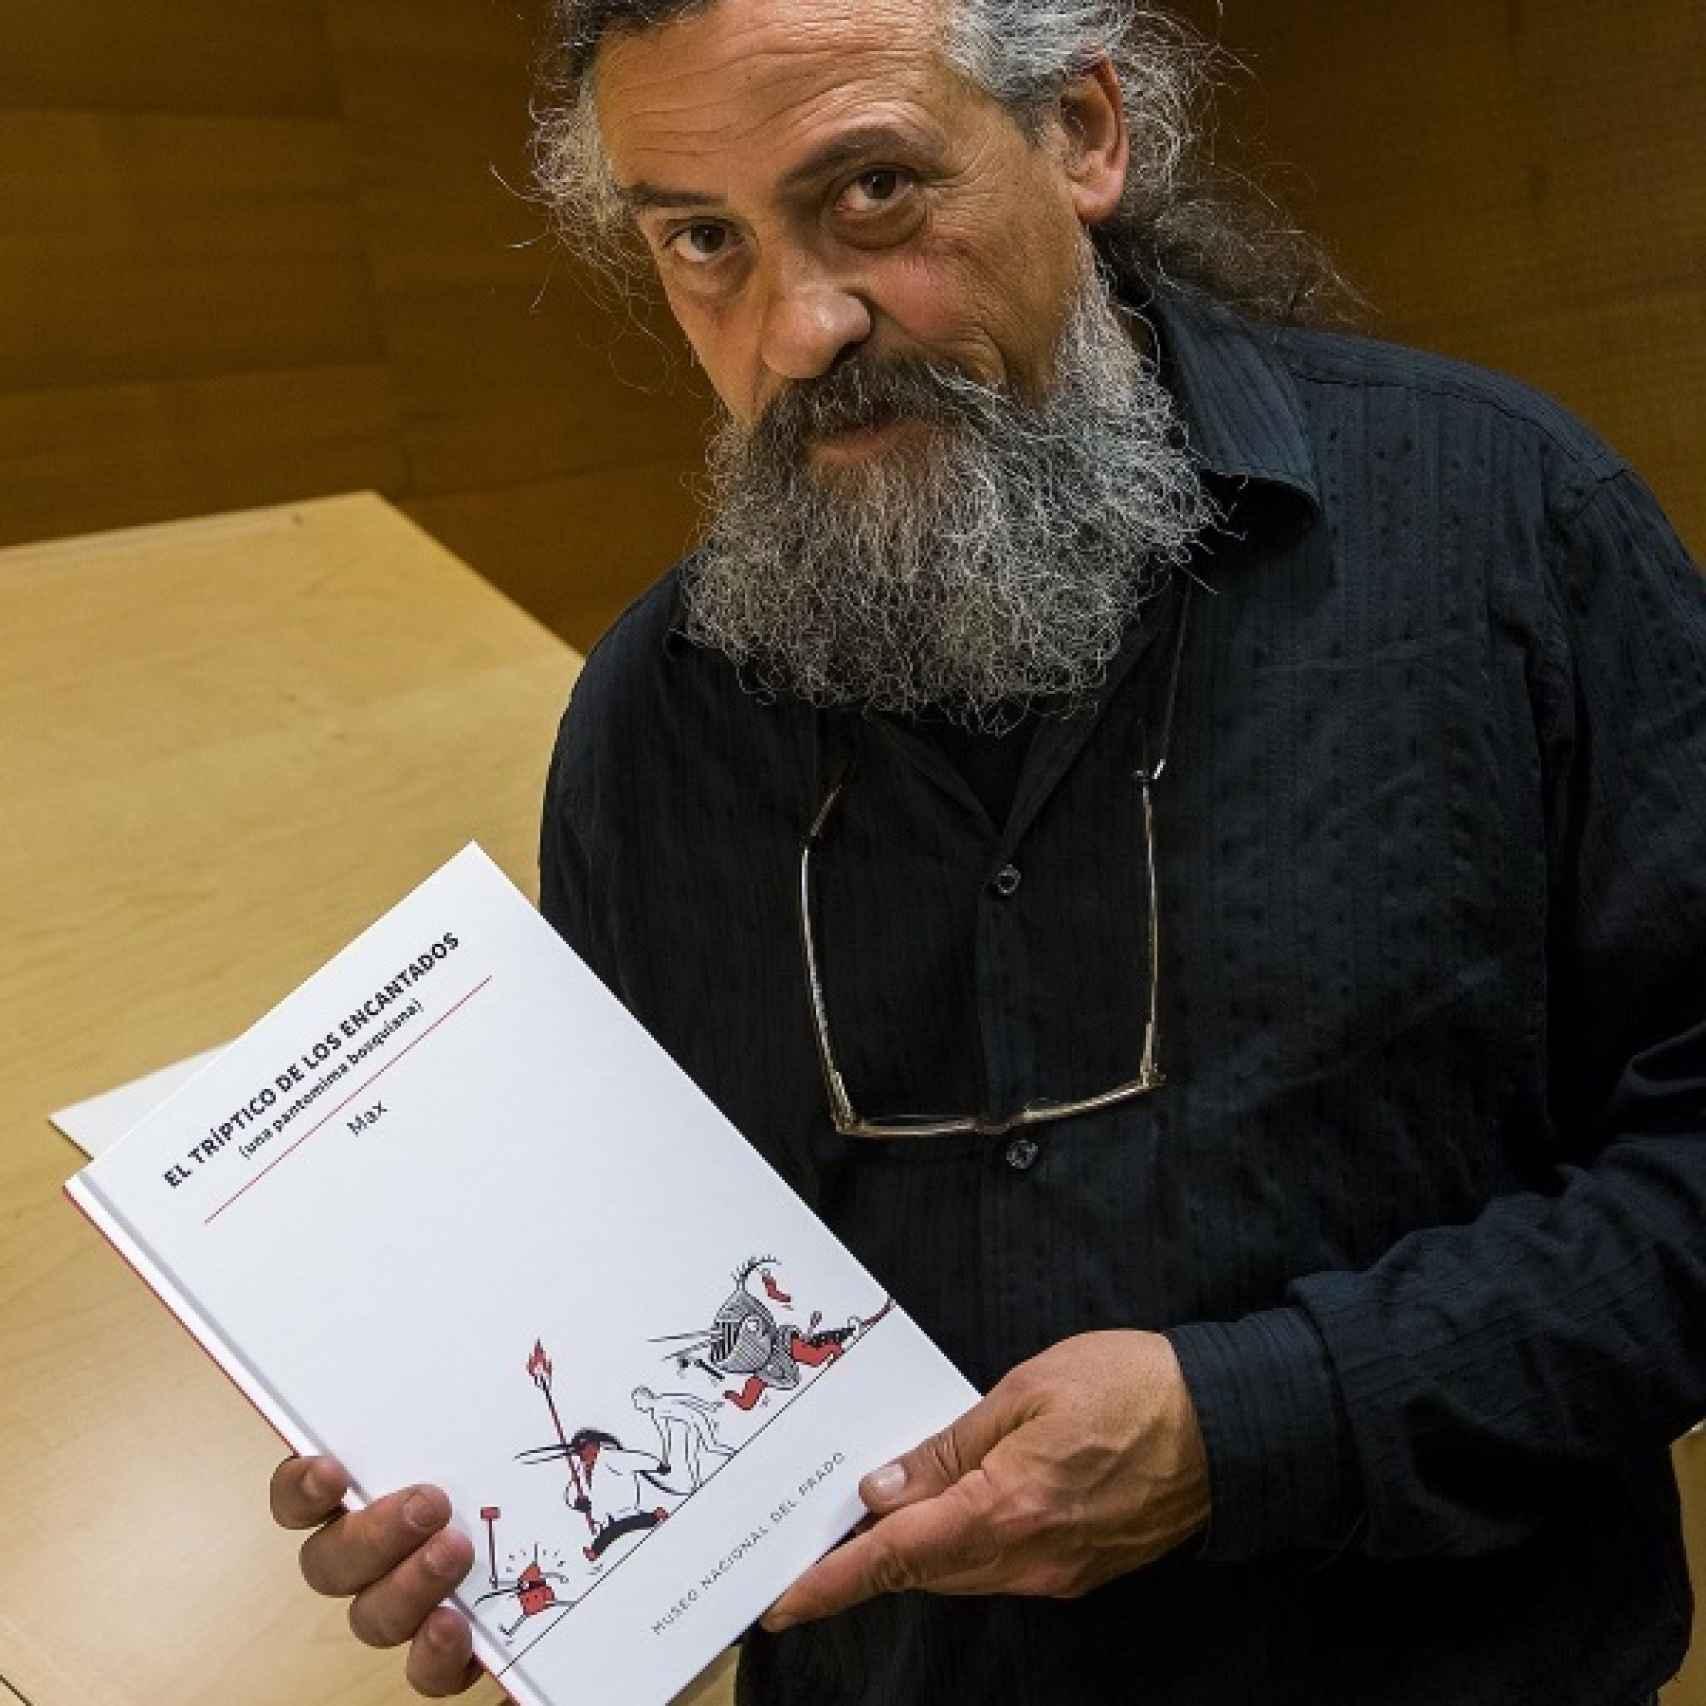 El dibujante con el libro.